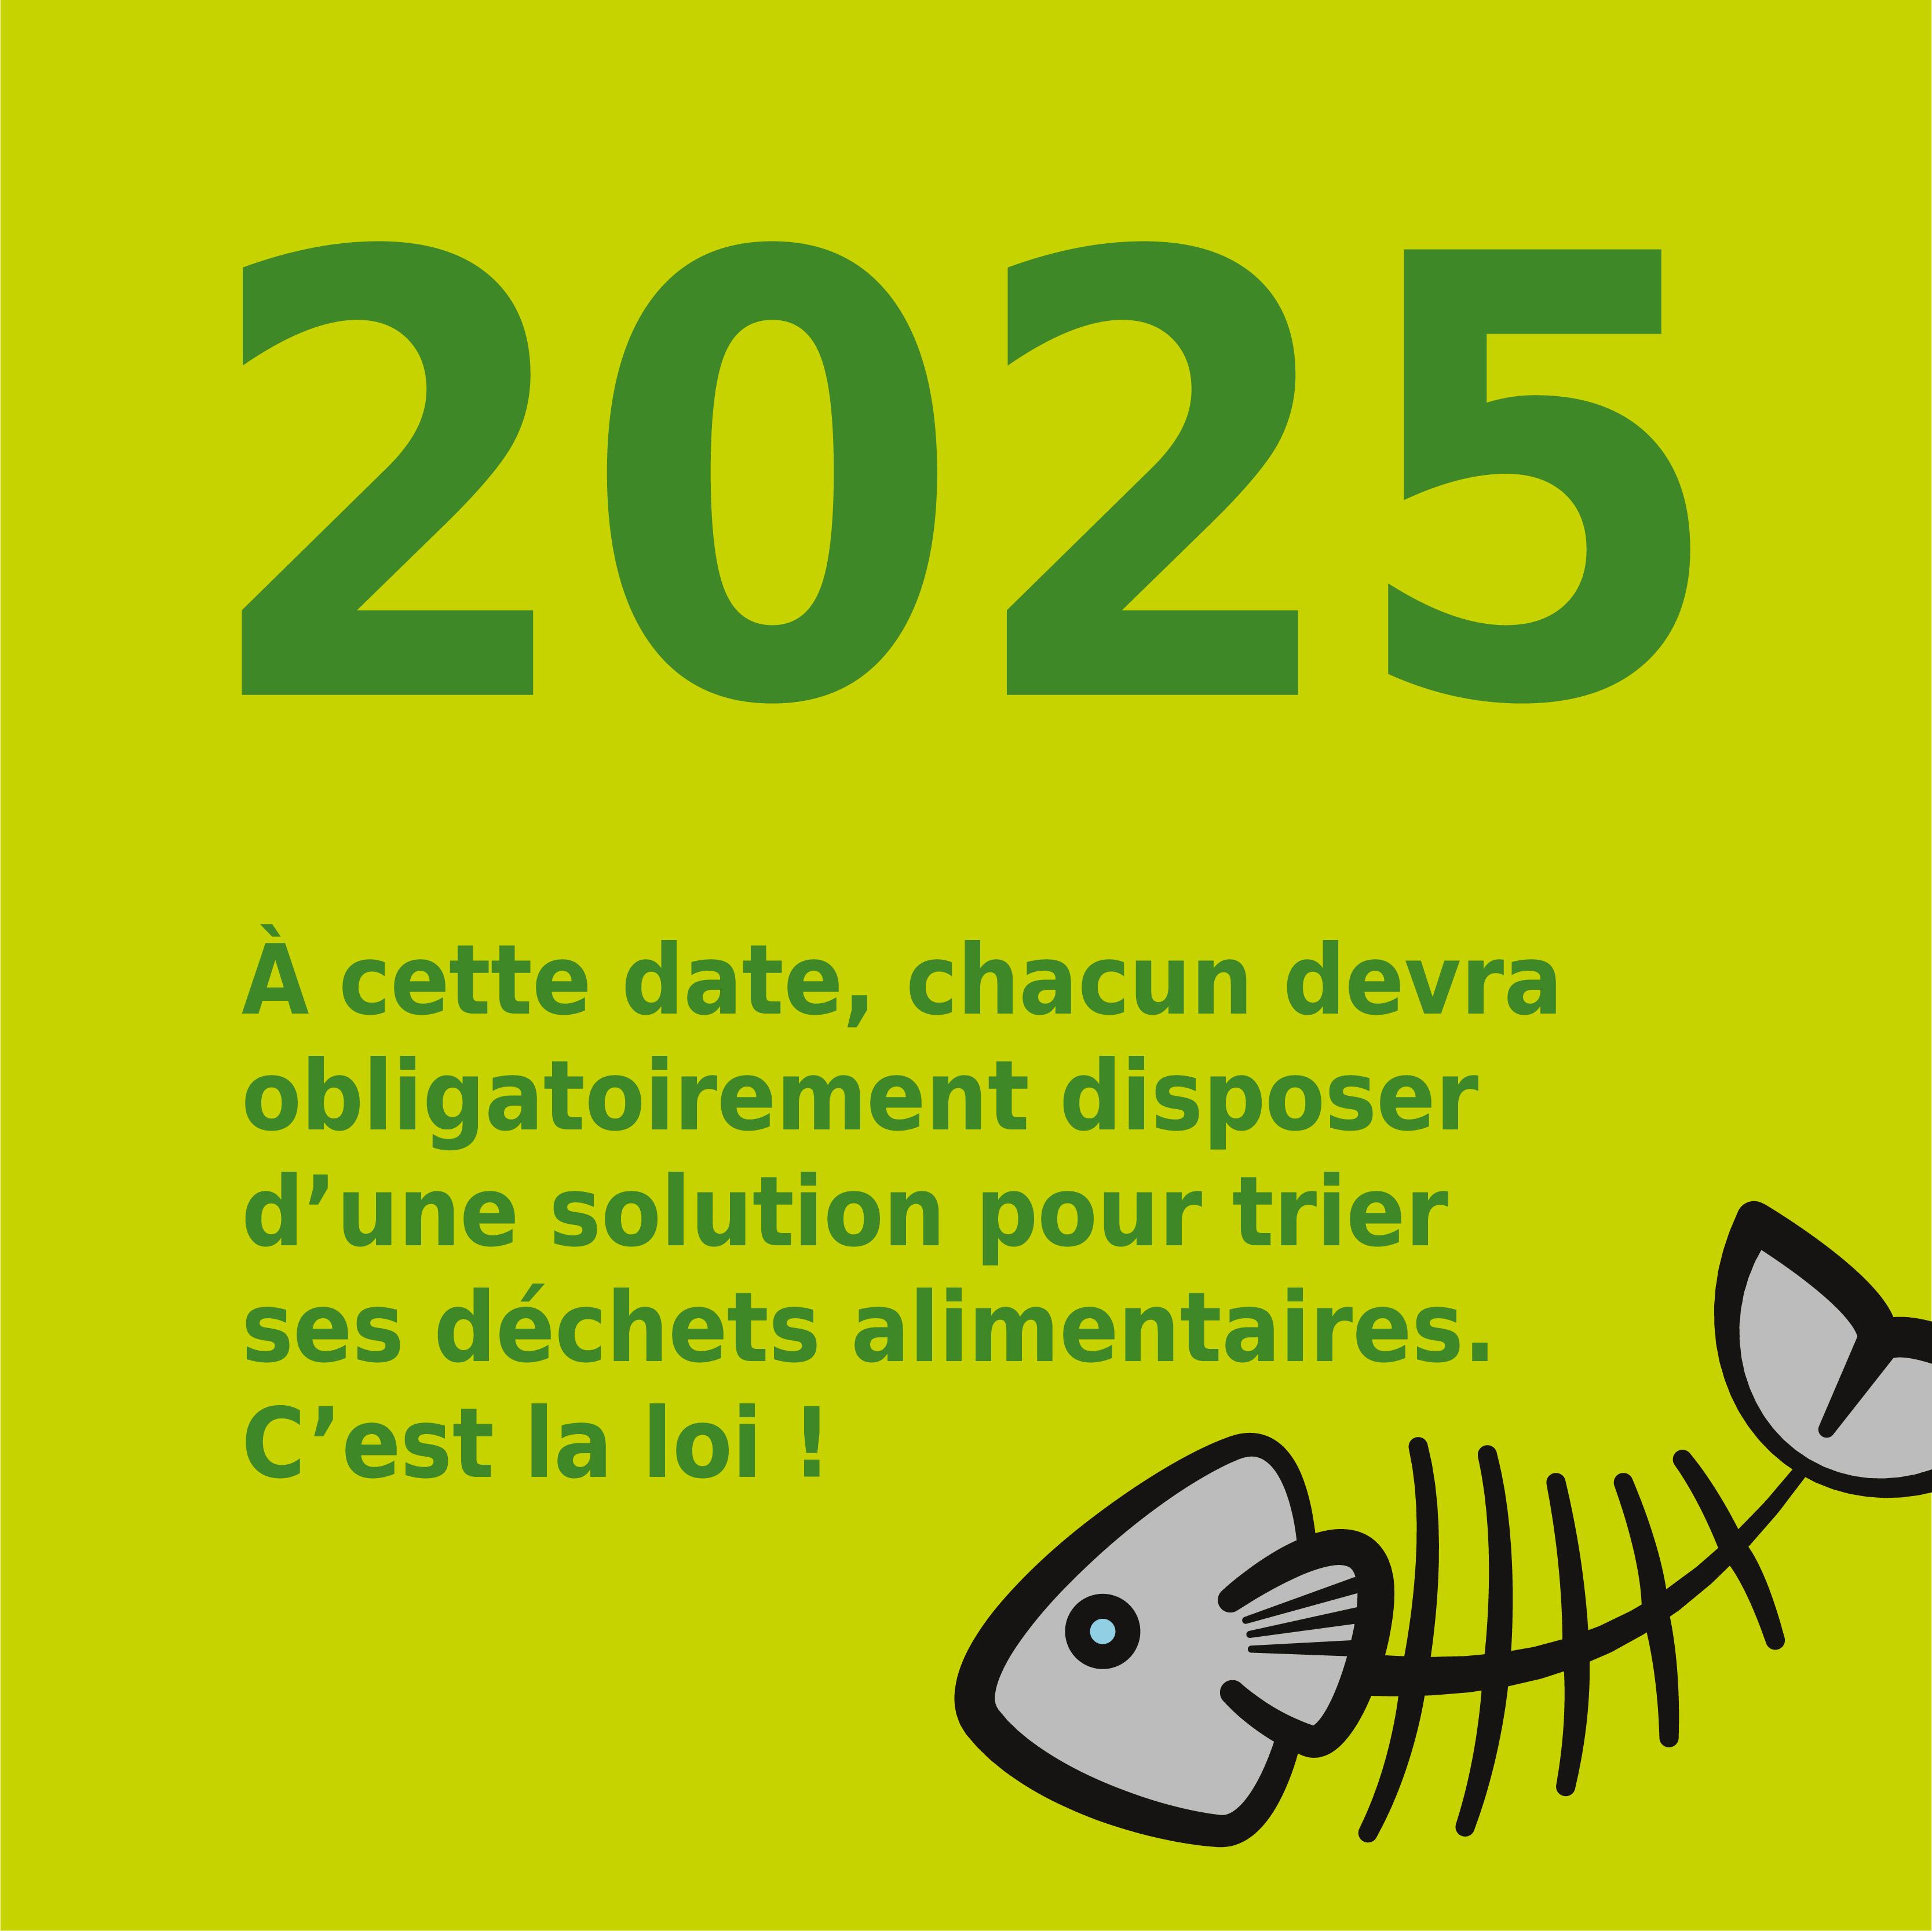 2025 À cette date, chacun devra obligatoirement disposer d'une solution pour trier ses déchets alimentaires. C'est la loi !